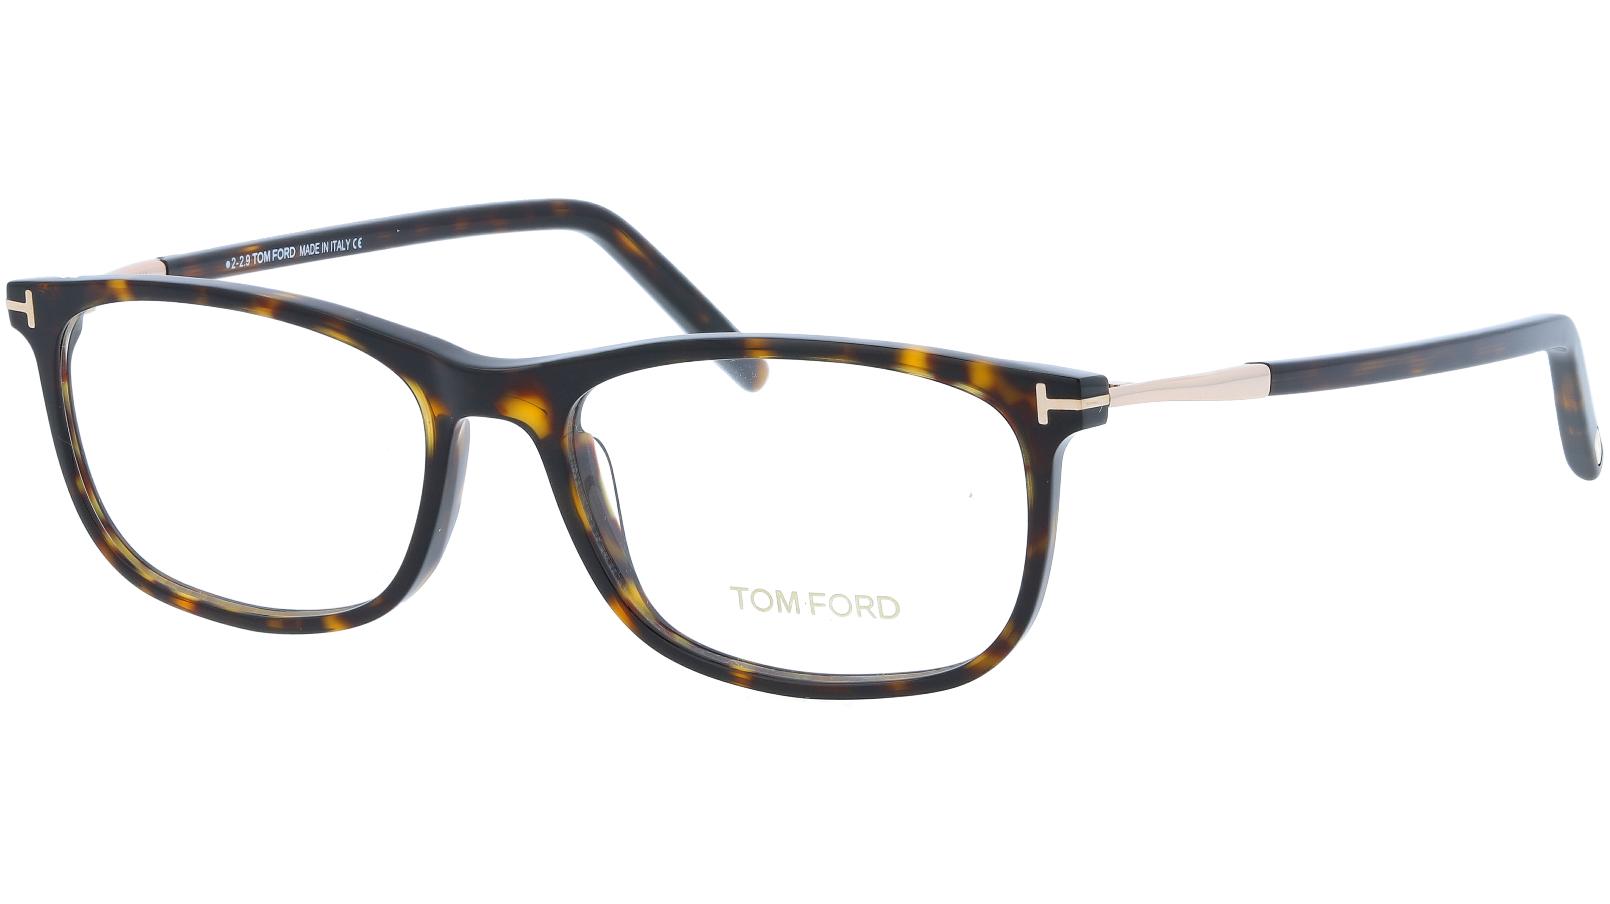 Tom Ford TF5398 052 53 Havana Glasses